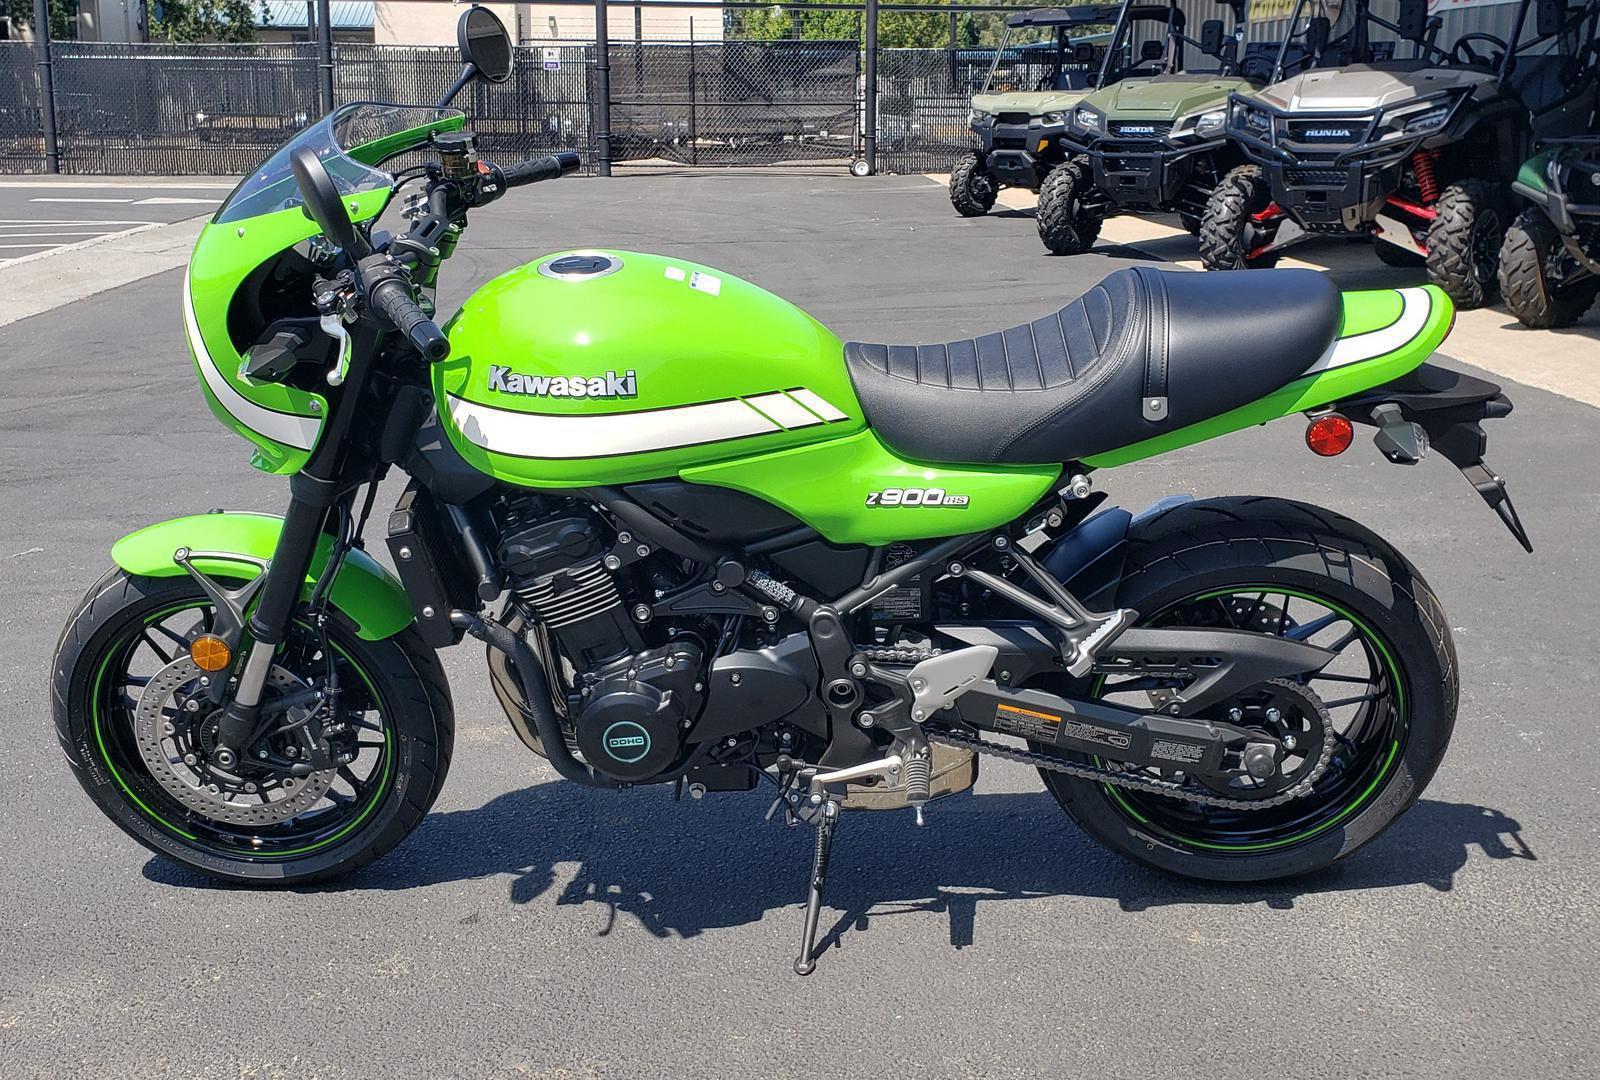 2019 Kawasaki ZR900EKFL